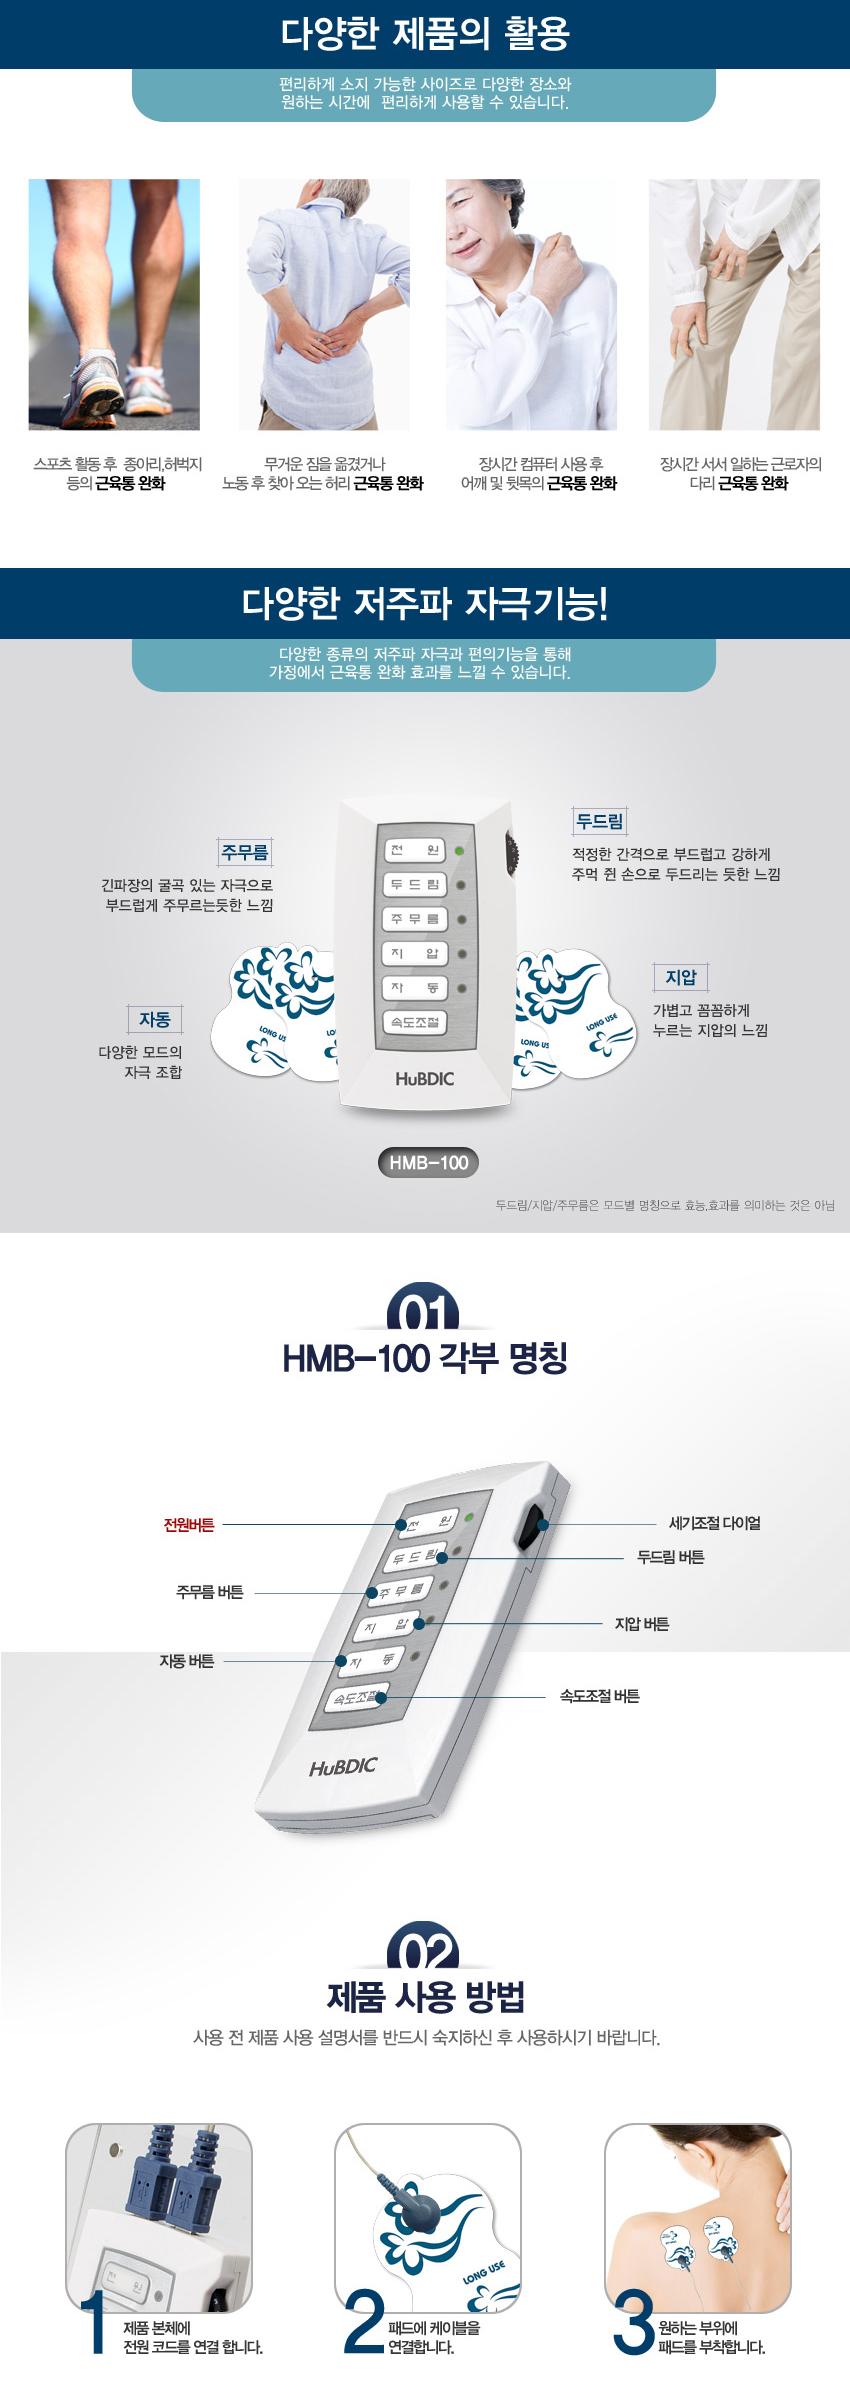 휴비딕 드림파워 플러스 HMB-100 1